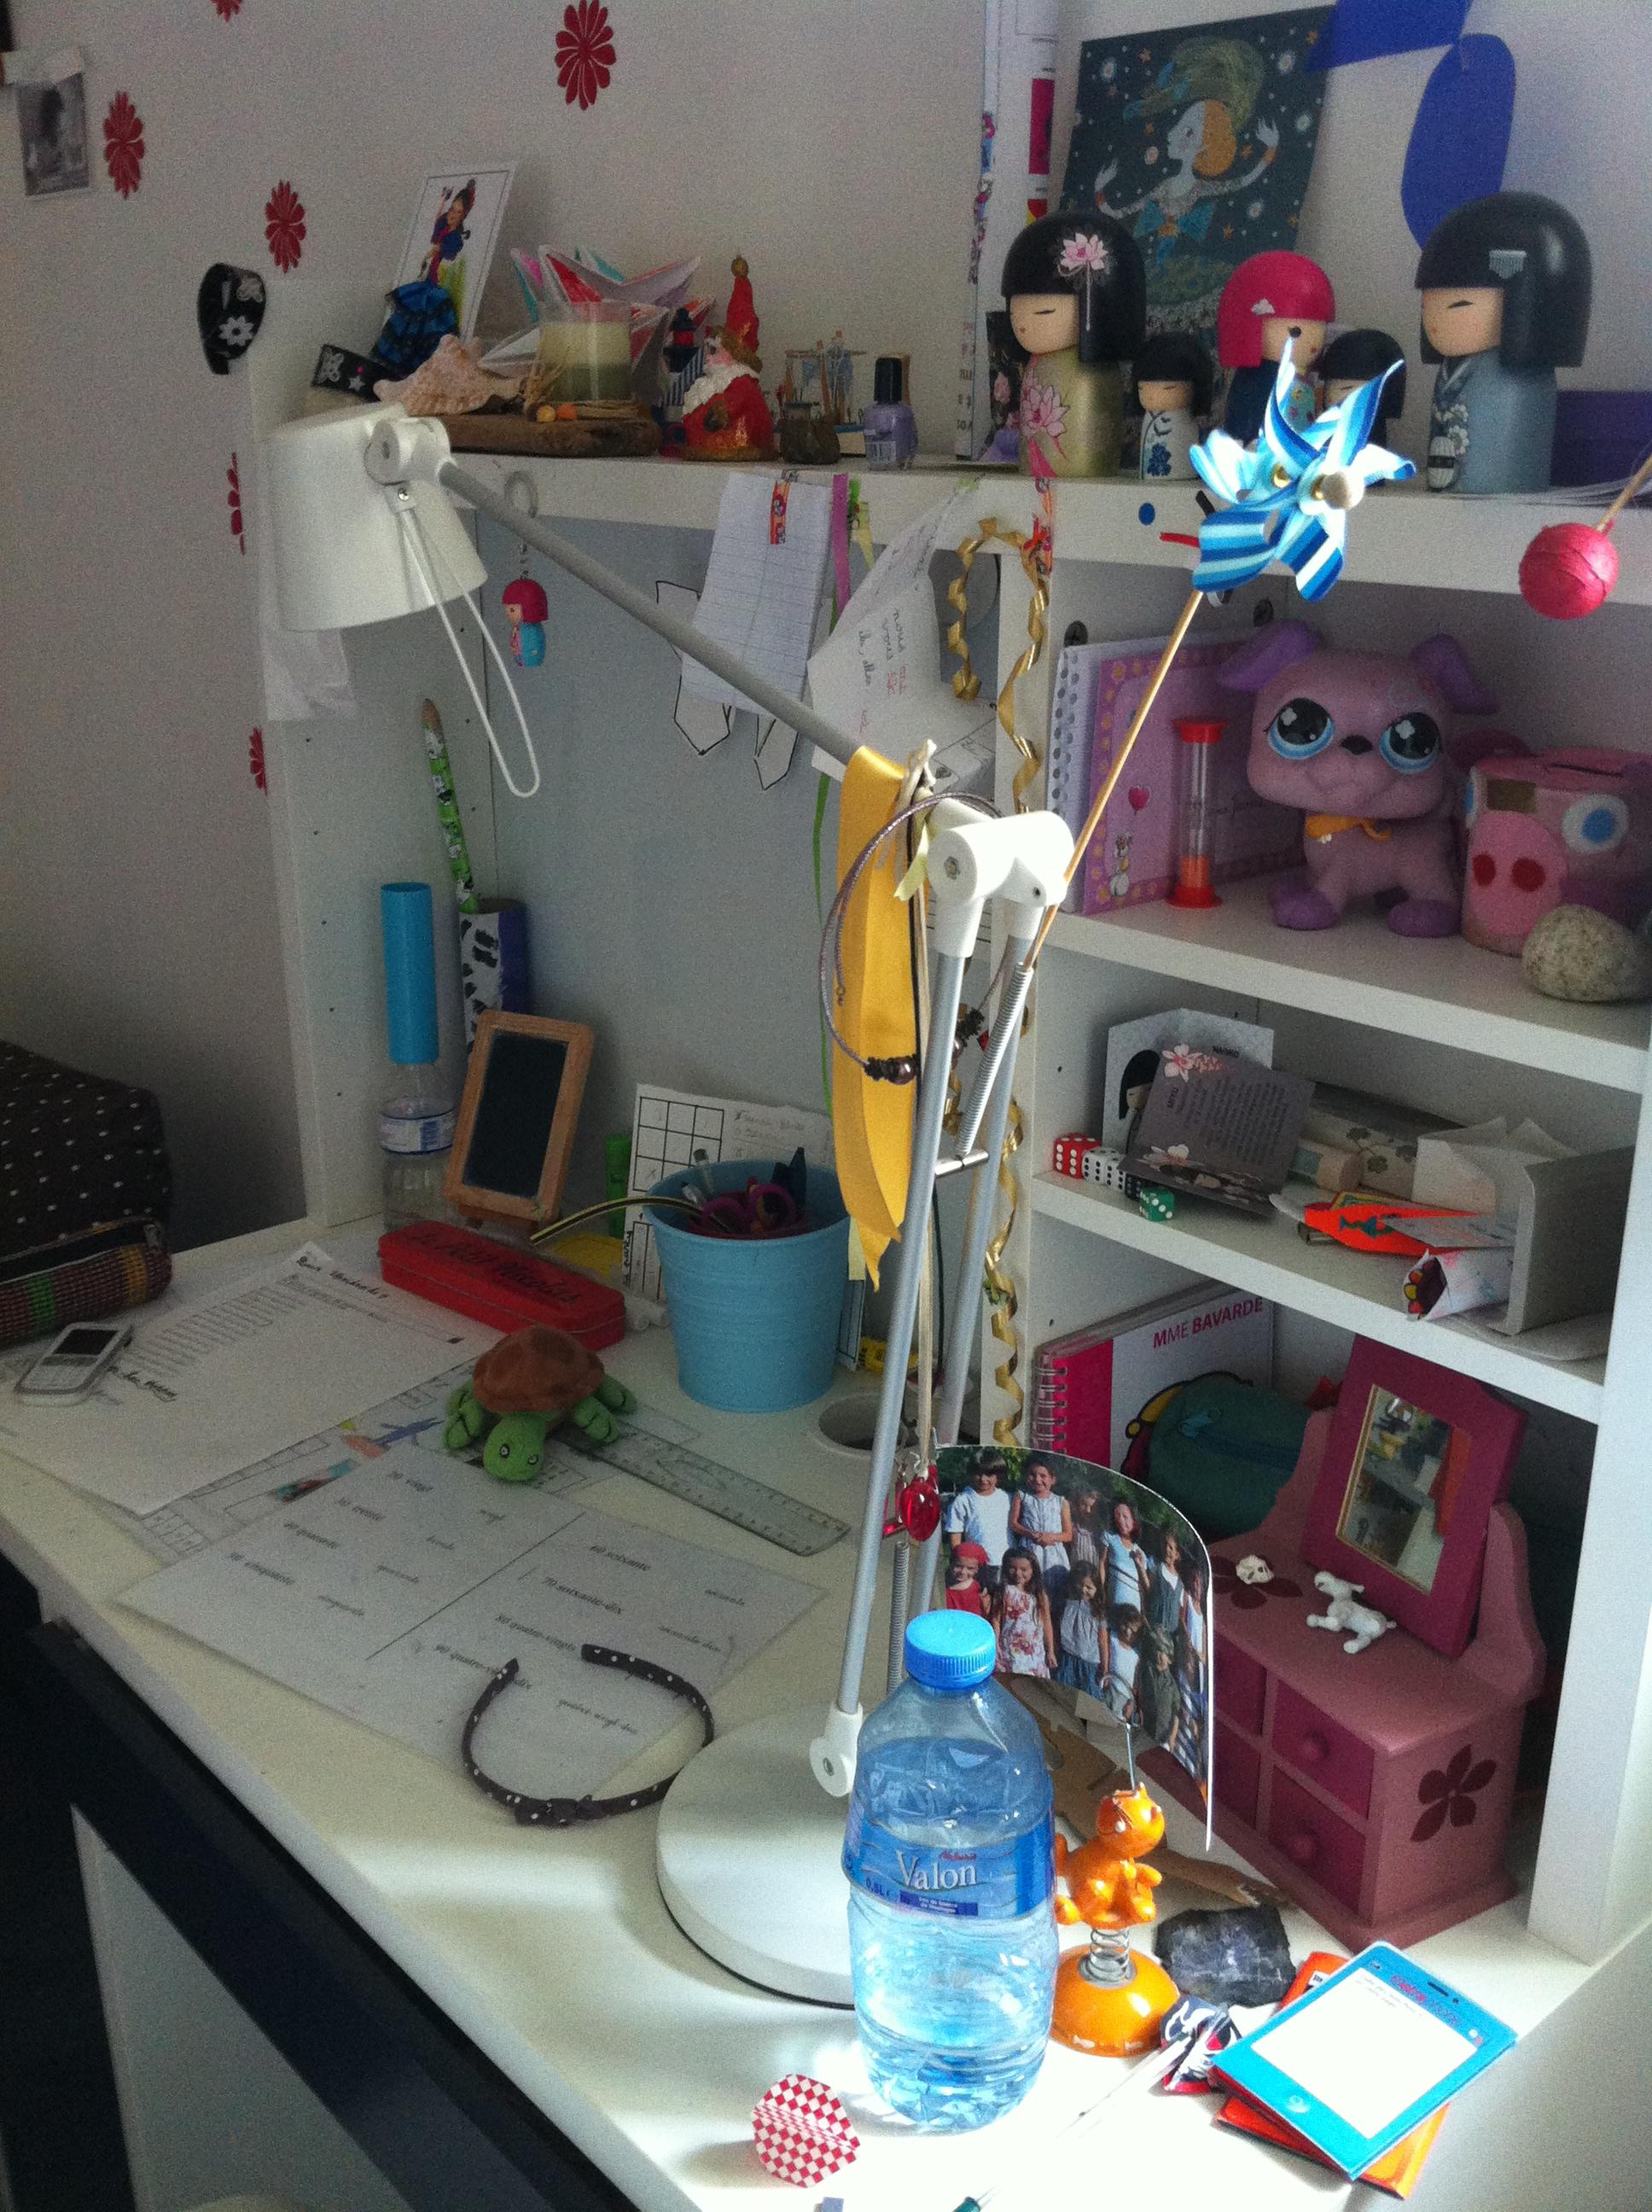 Comment arreter d etre bordelique - Comment organiser mon bureau ...